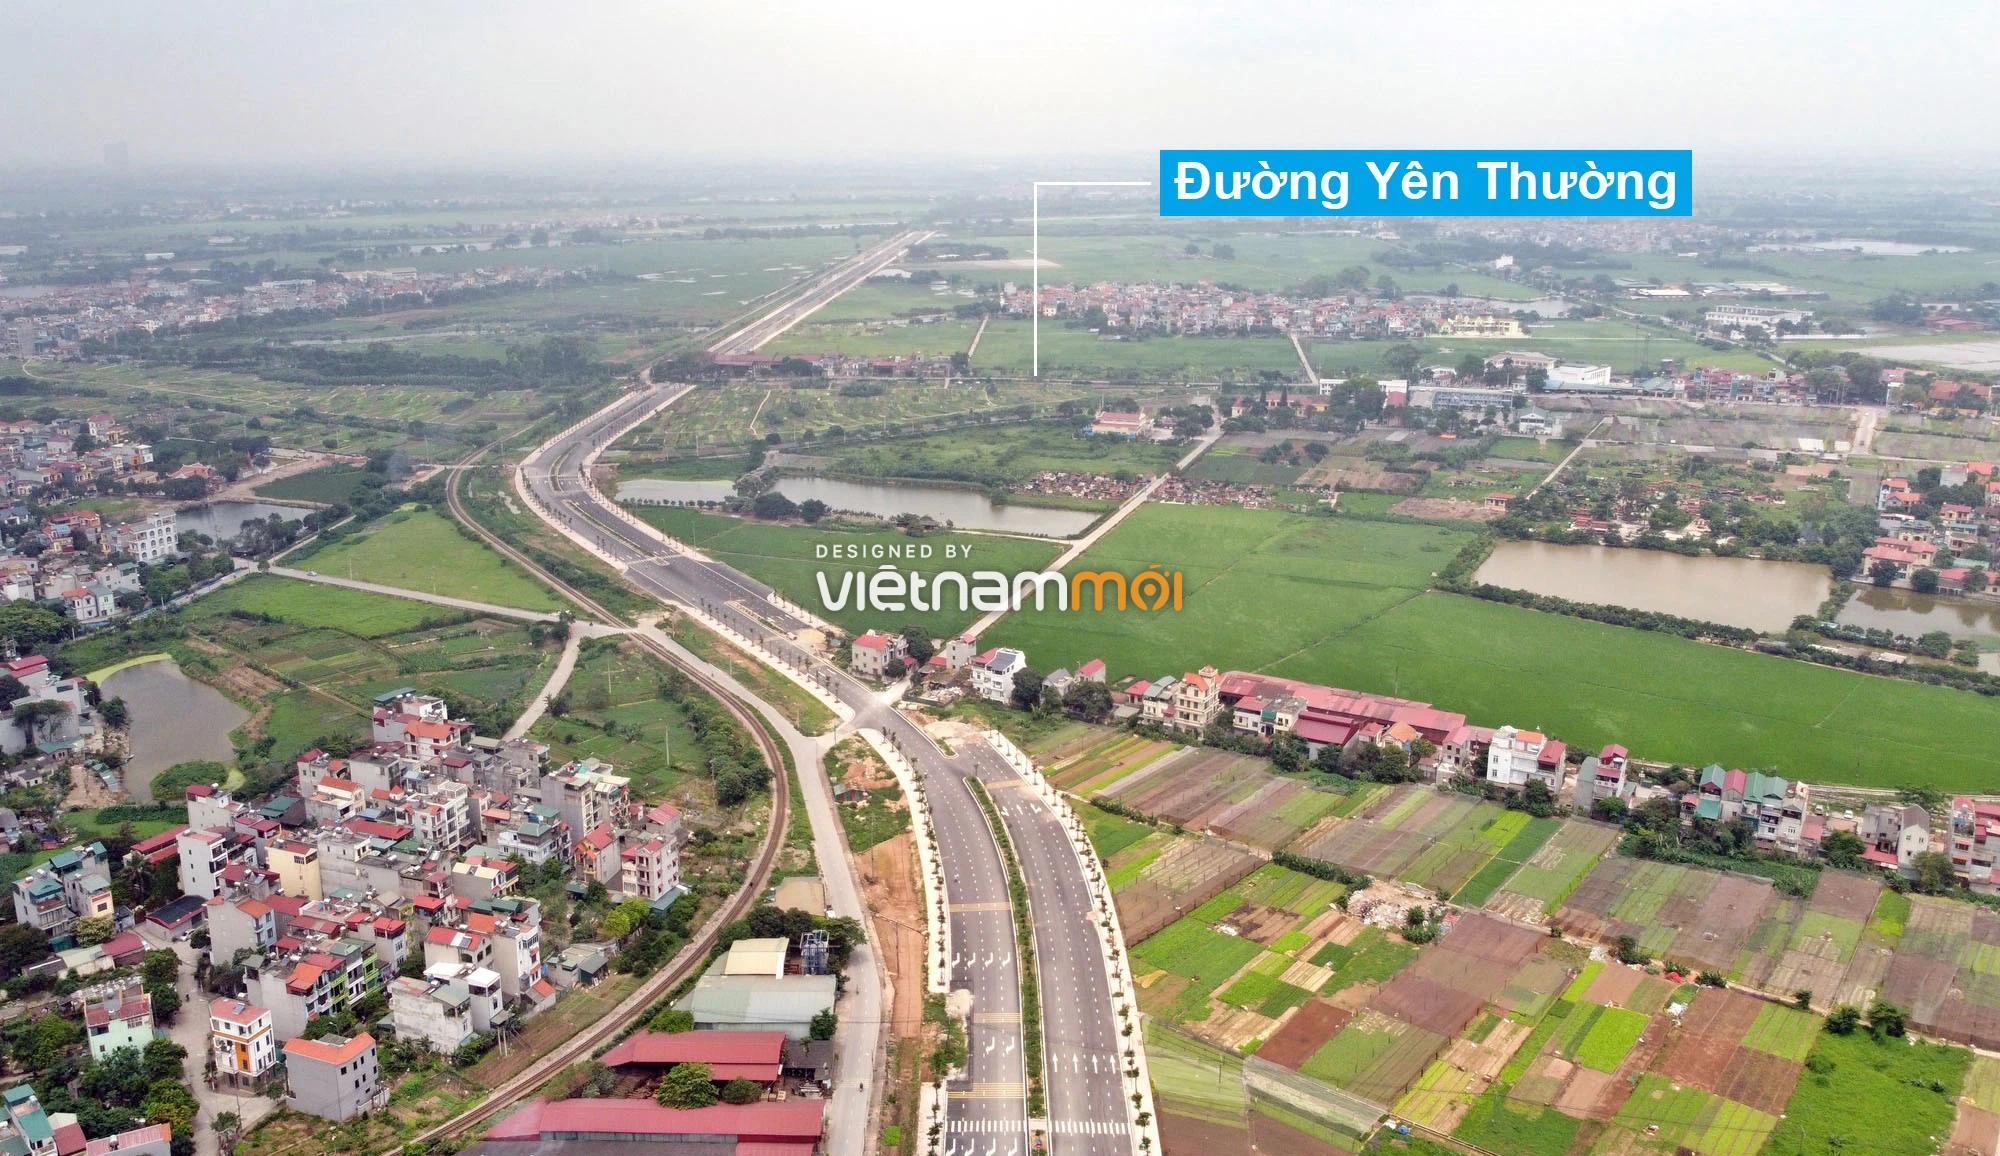 Toàn cảnh tuyến đường 40 m qua xã Yên Viên, Yên Thường đang mở theo quy hoạch ở Hà Nội - Ảnh 6.